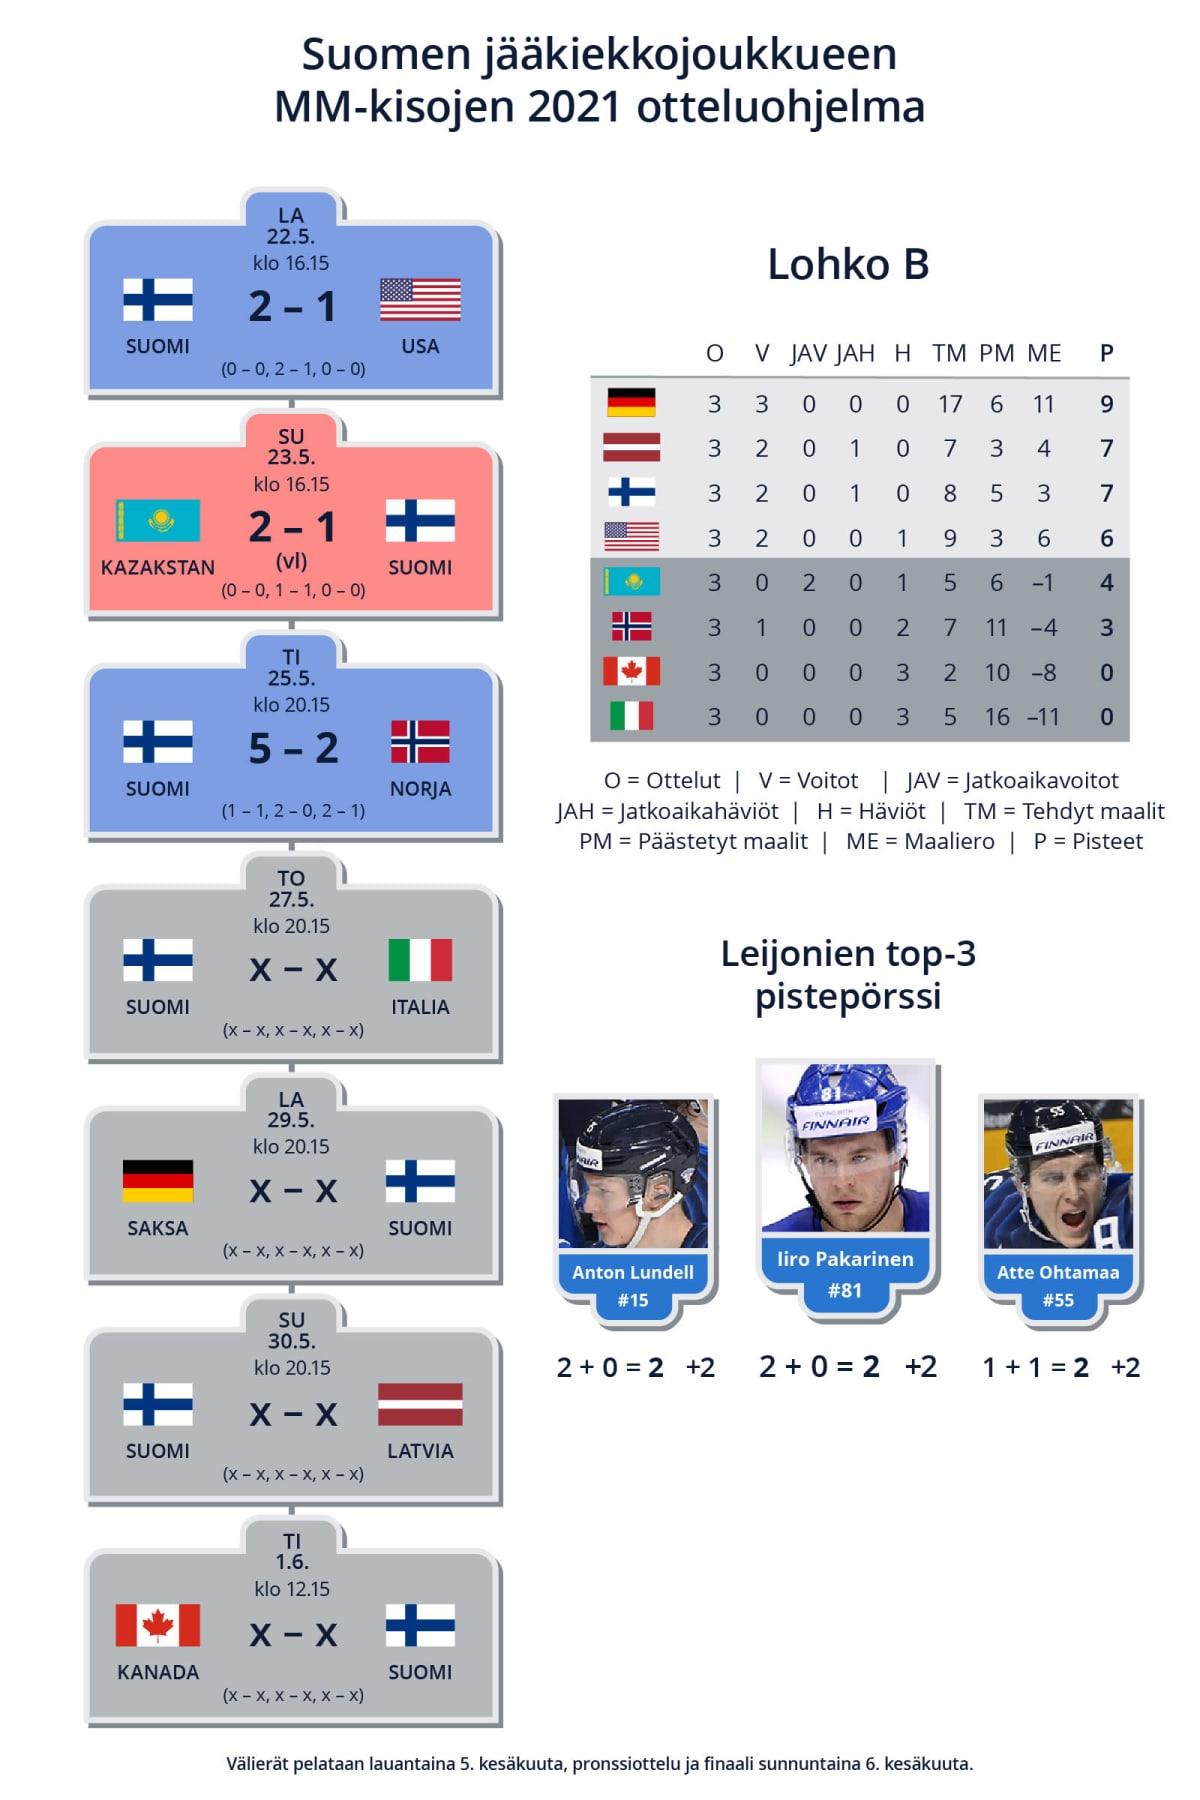 Suomen joukkueen otteluohjelma, tämänhetkinen sarjataulukko ja pistepörssi